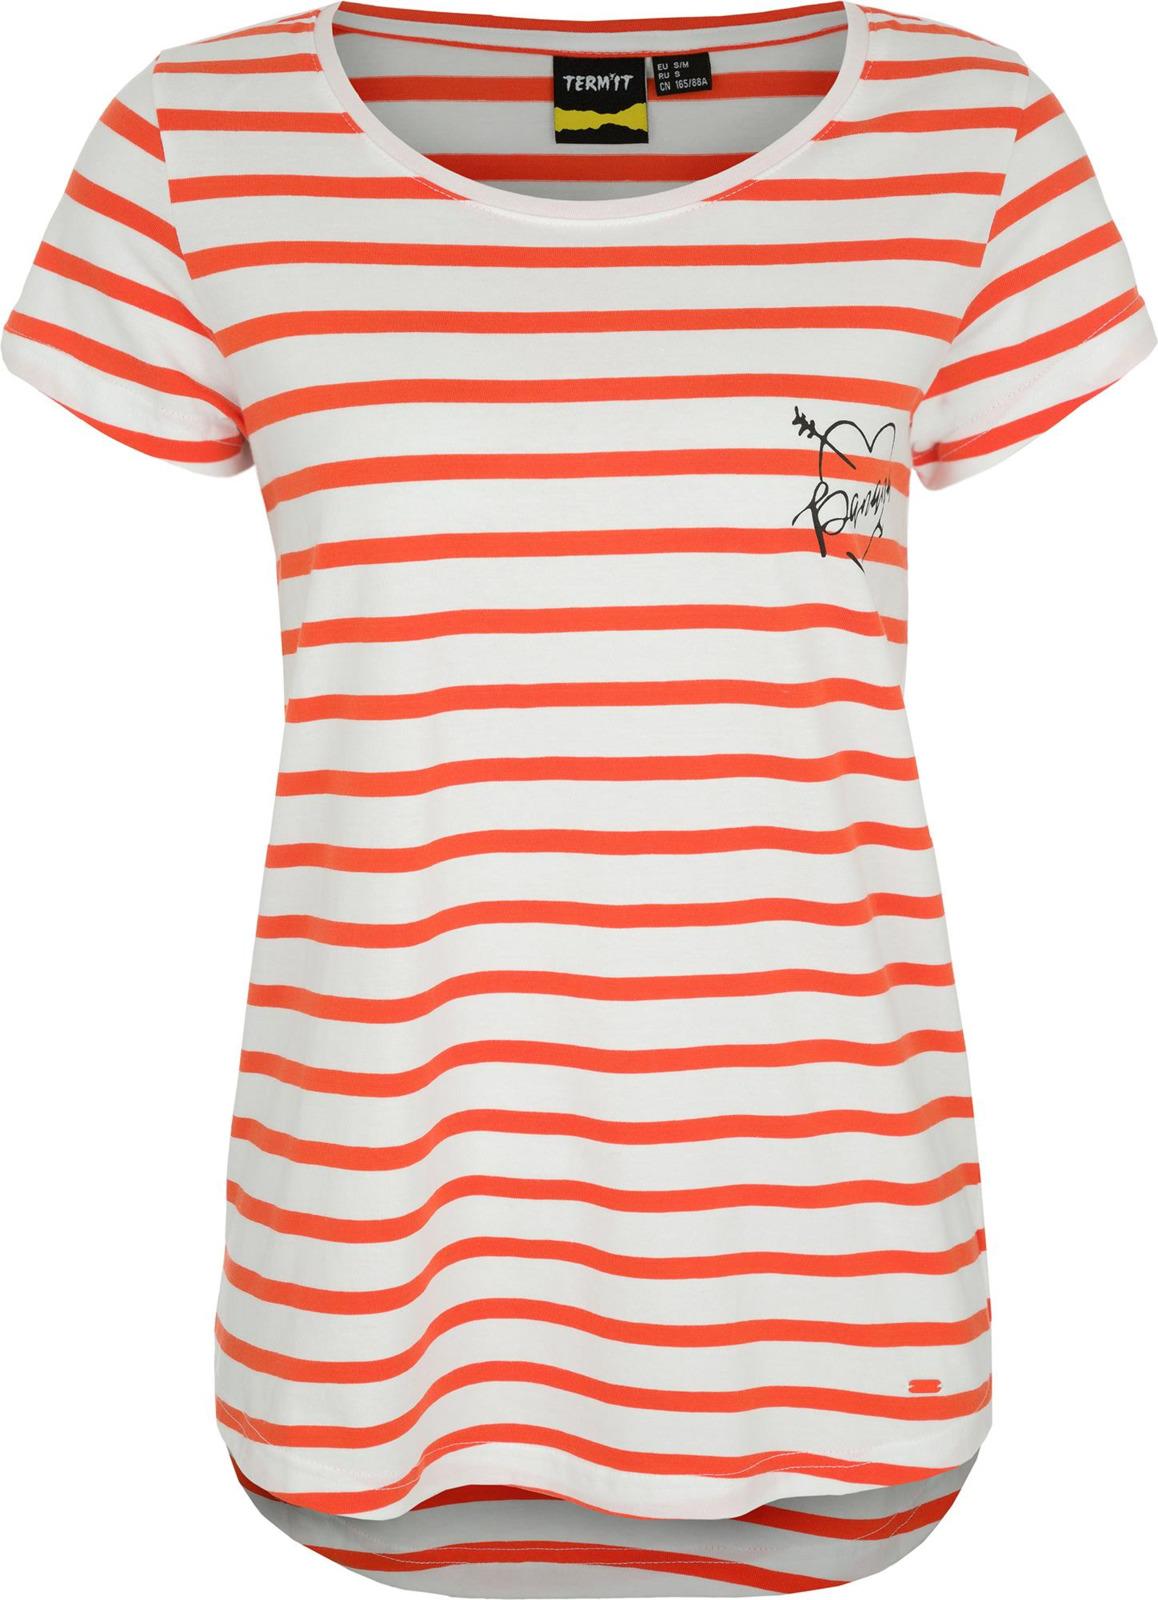 Футболка женская Termit Womens T-Shirt, цвет: белый, красный. 100609-WH. Размер M (46)100609-WHЖенская футболка с коротким рукавом от ТМ Termit.